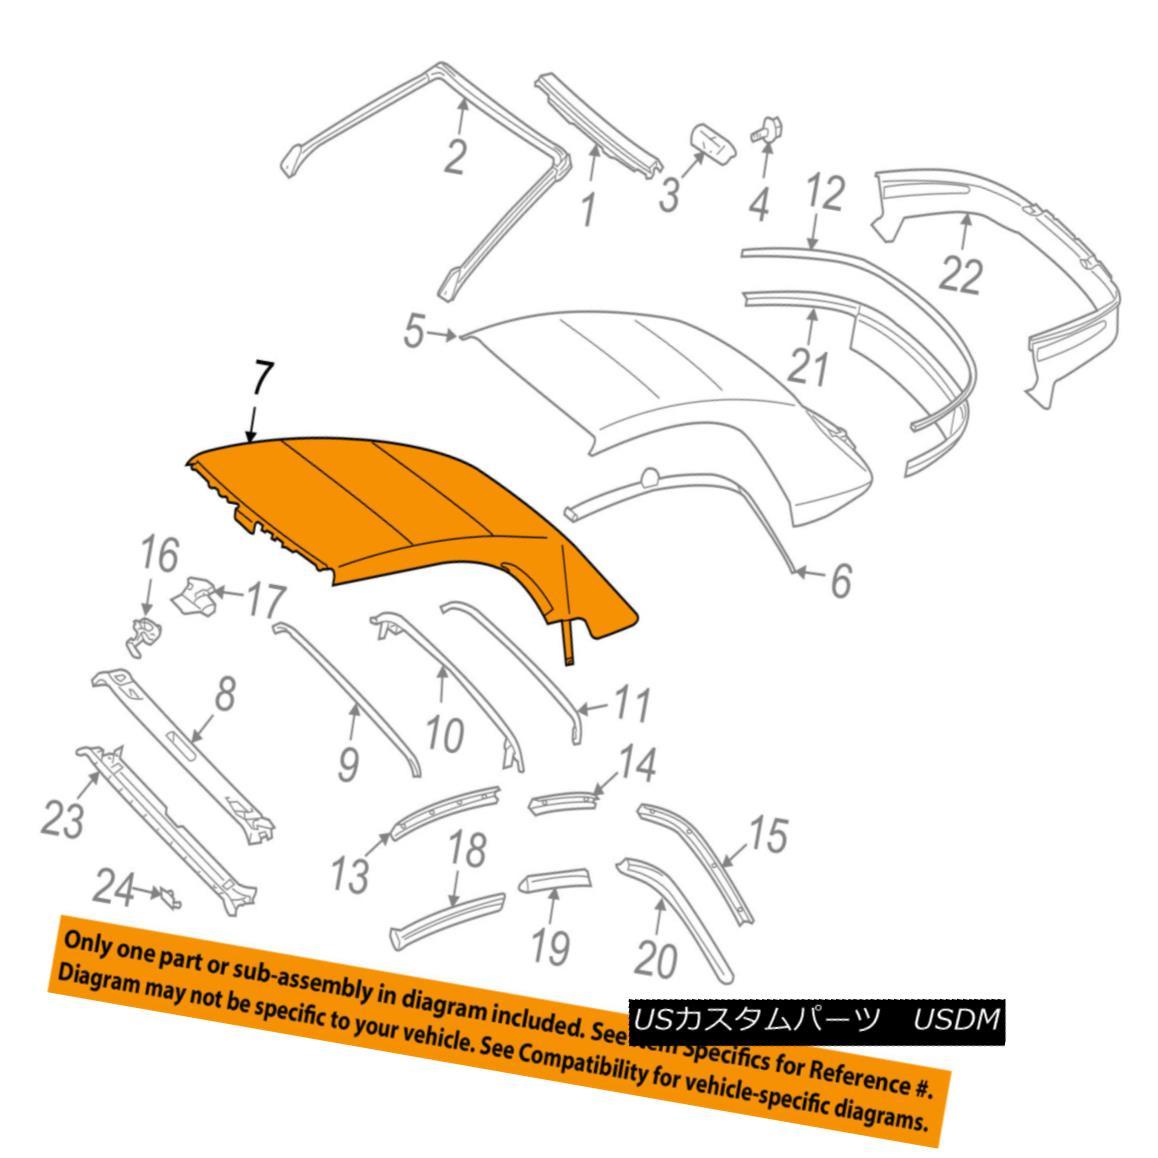 幌・ソフトトップ TOYOTA OEM 04-08 Solara Convertible/soft Top-Headliner 6590306010 トヨタOEM 04-08ソララ・コンバーチブル/ so ftトップヘッドライナー6590306010